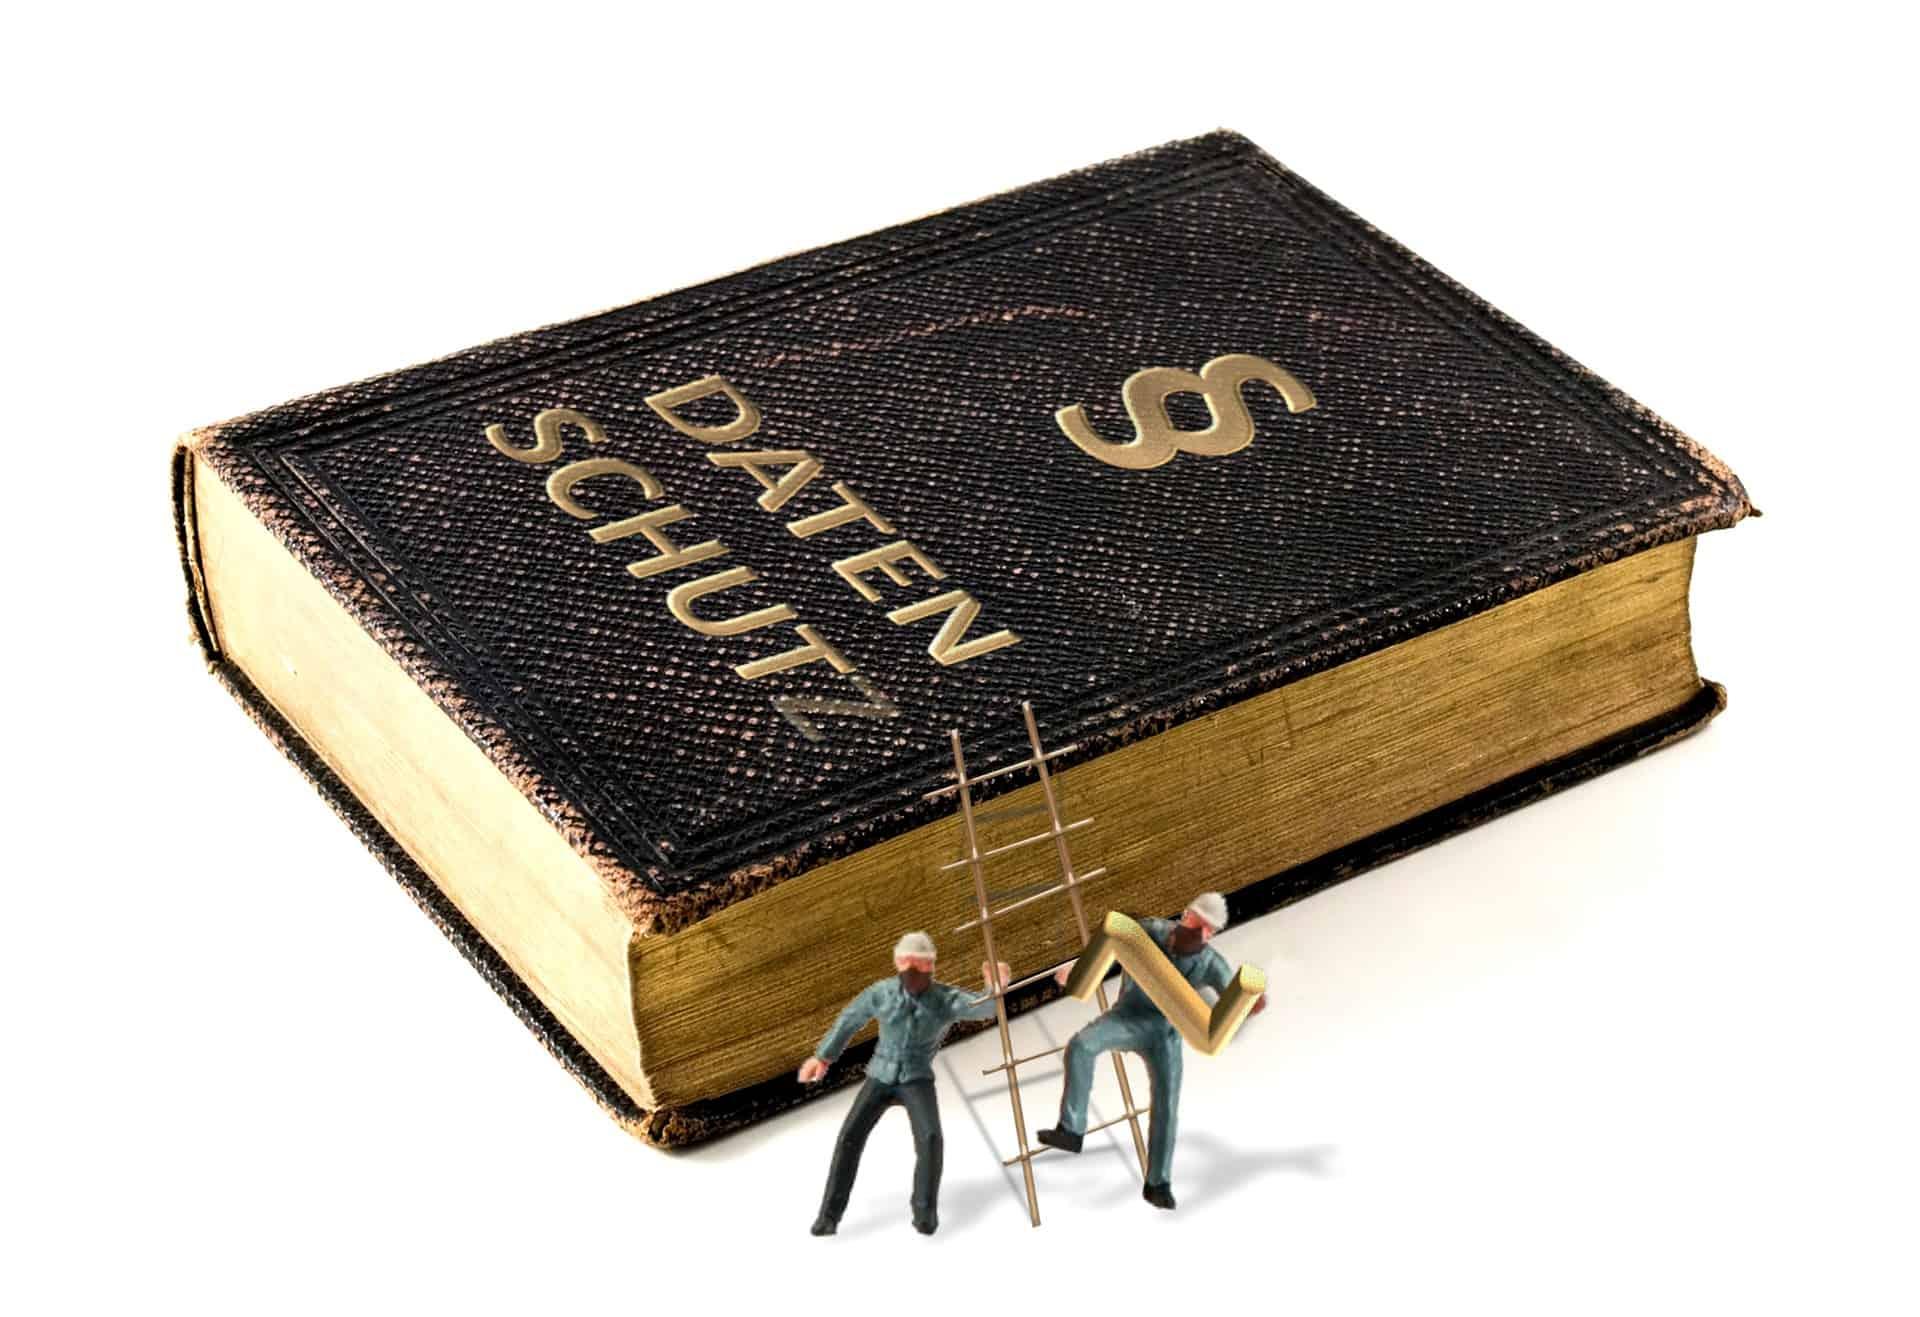 Juristische Übersetzungen, Übersetzung von juristischen Texten: bersetzungen von Rechtstexten